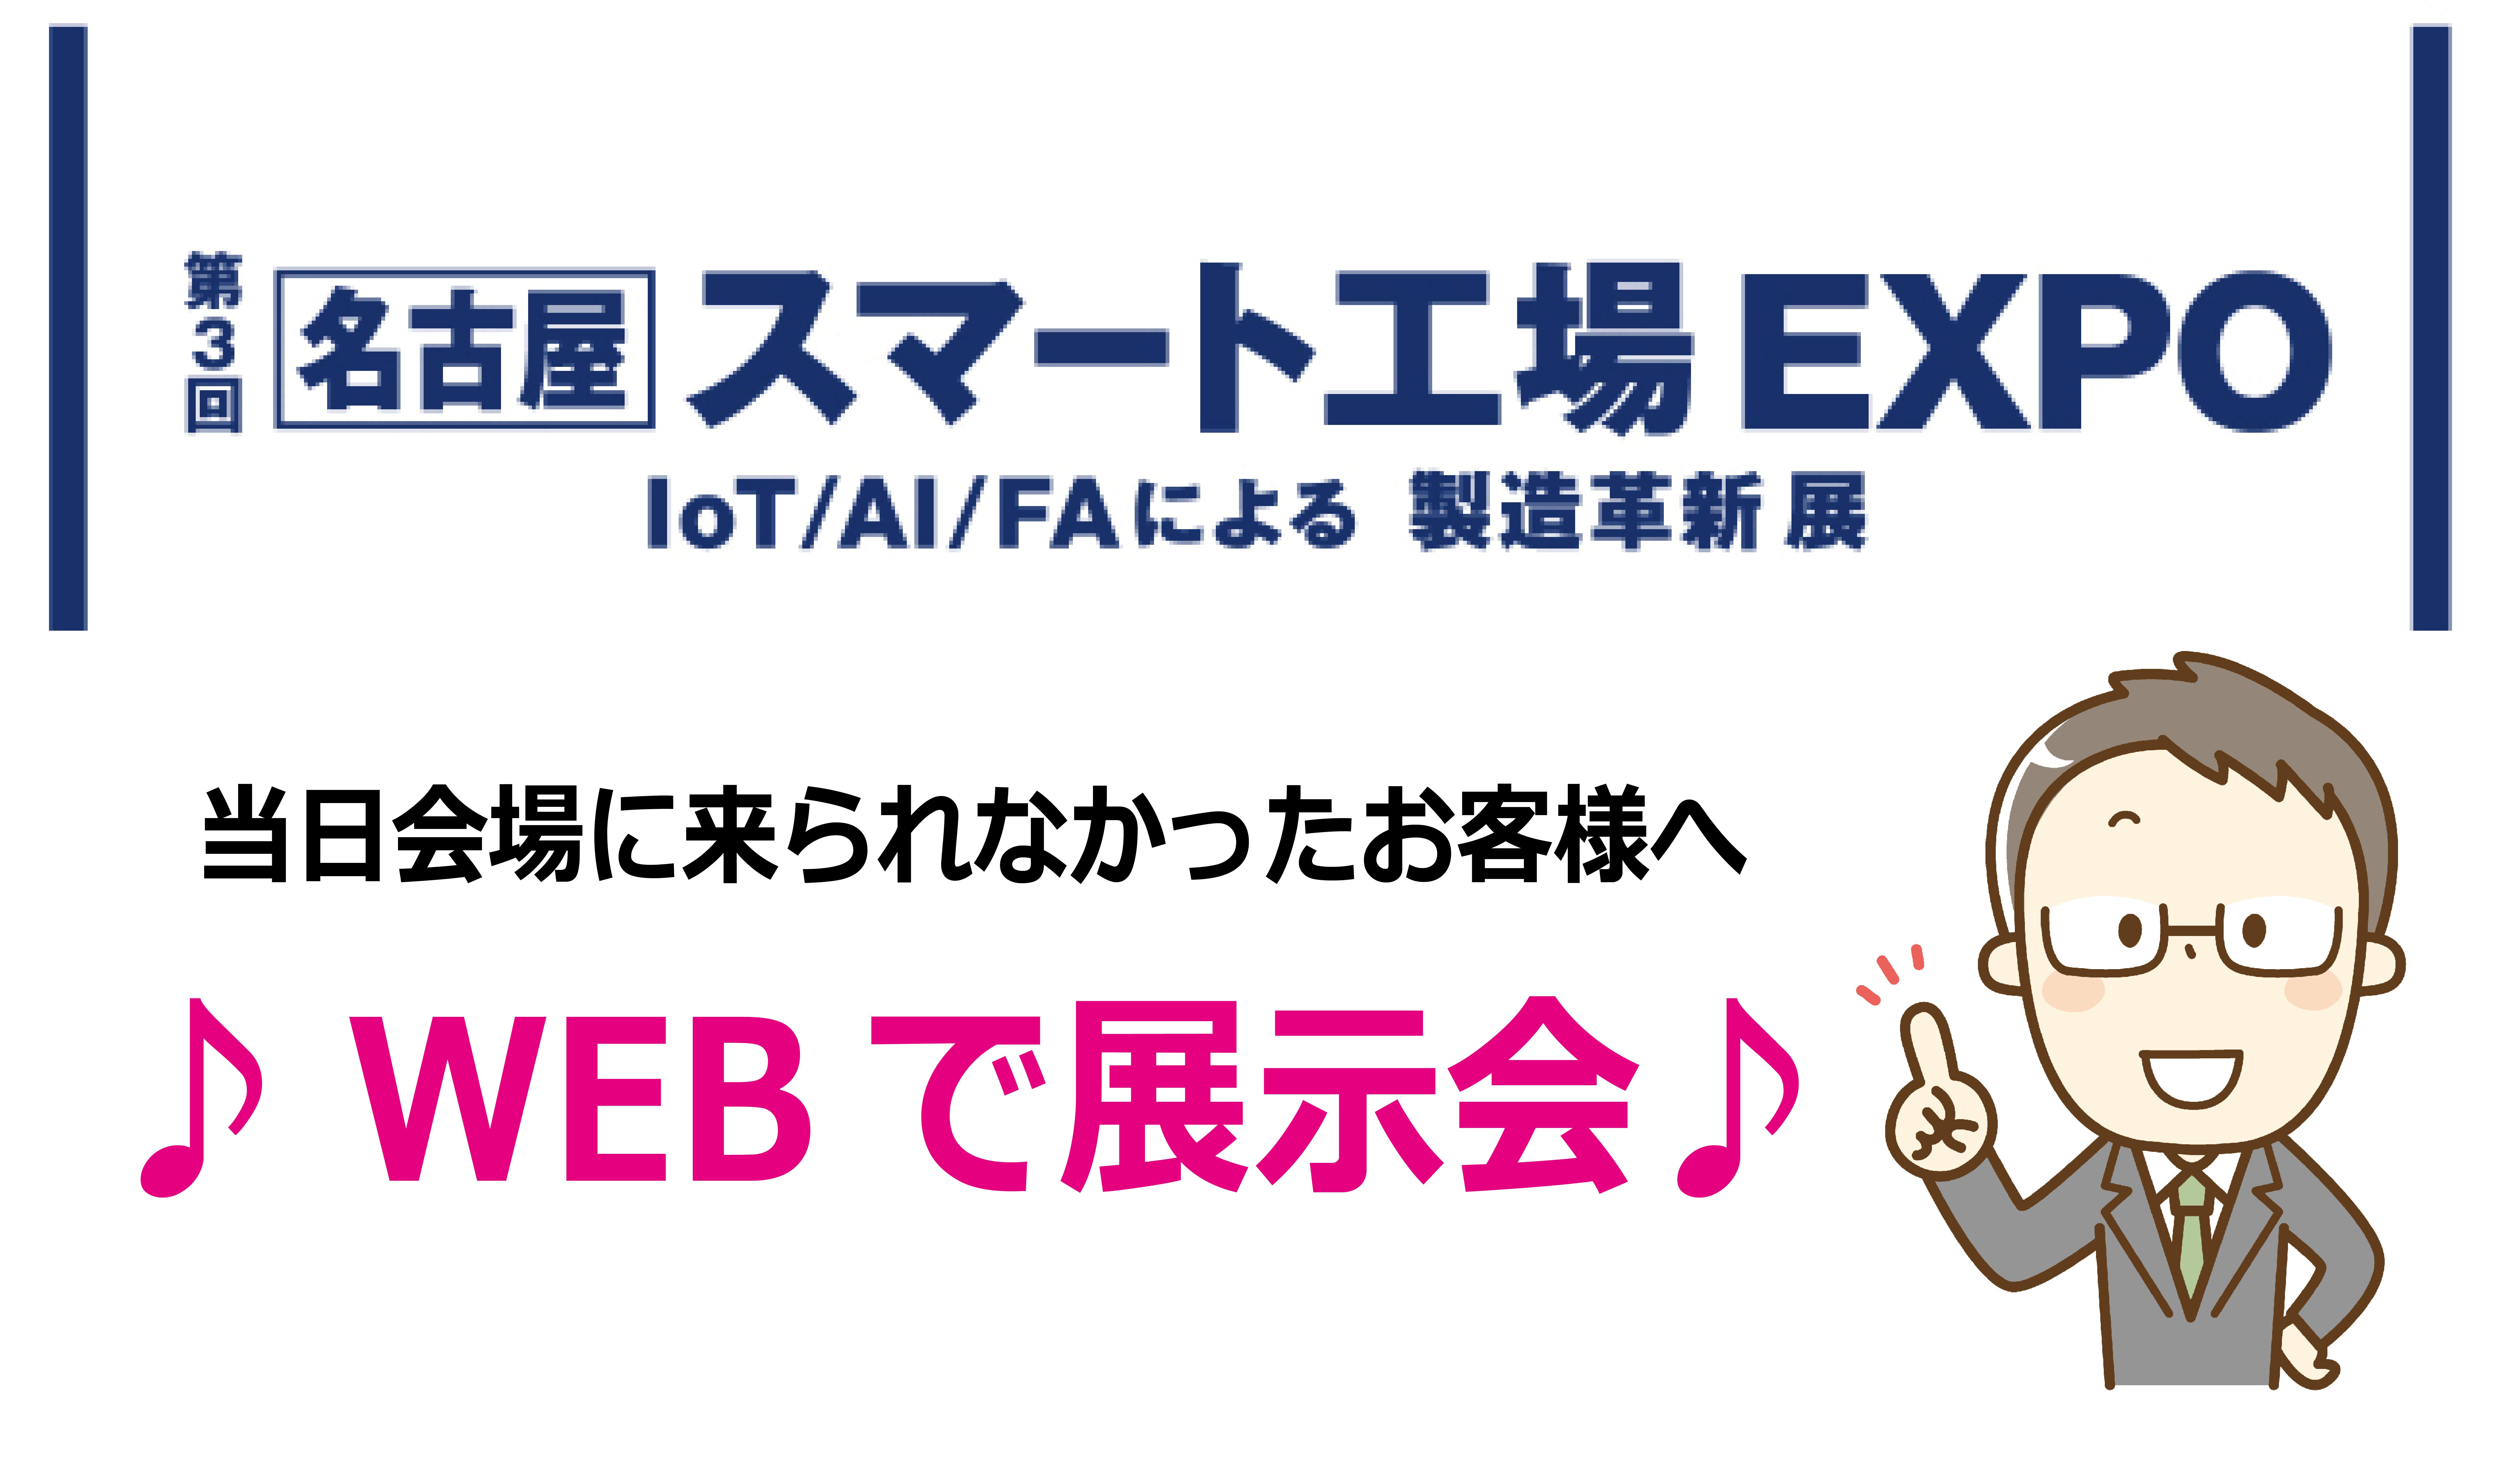 名古屋スマート工場EXPO ♪WEB展示会♪